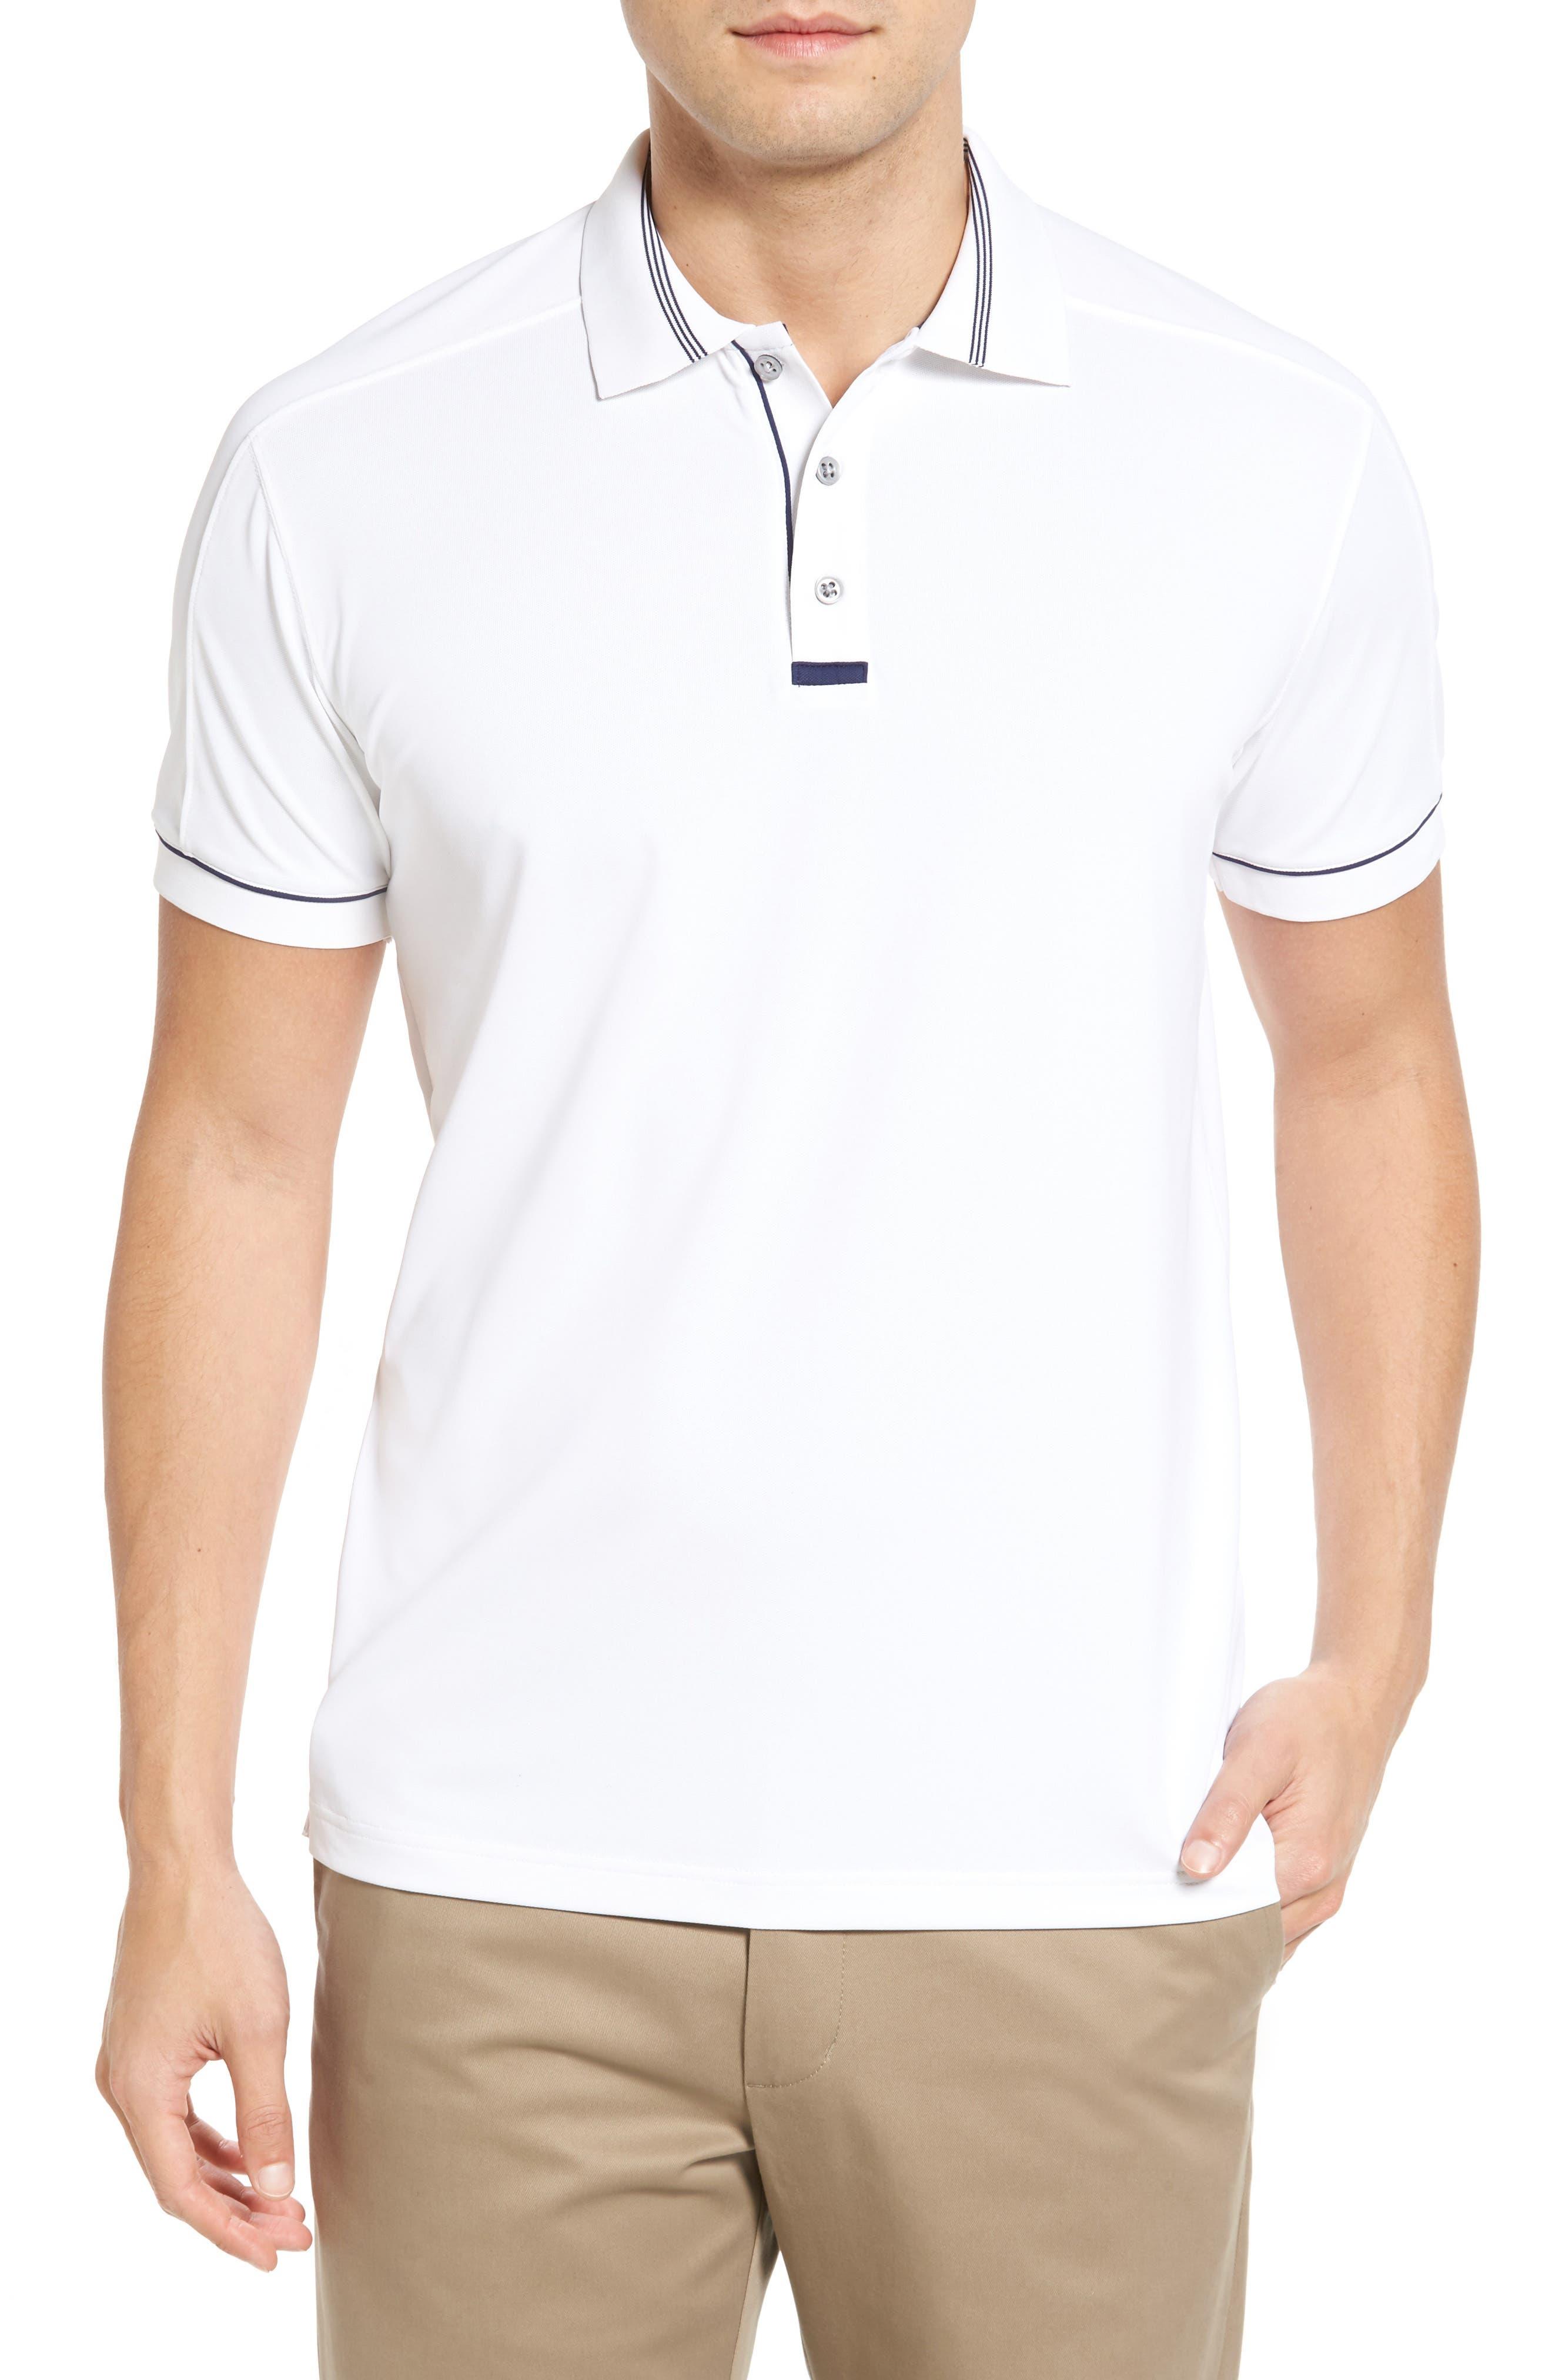 BOBBY JONES Tech Pique Golf Polo in White